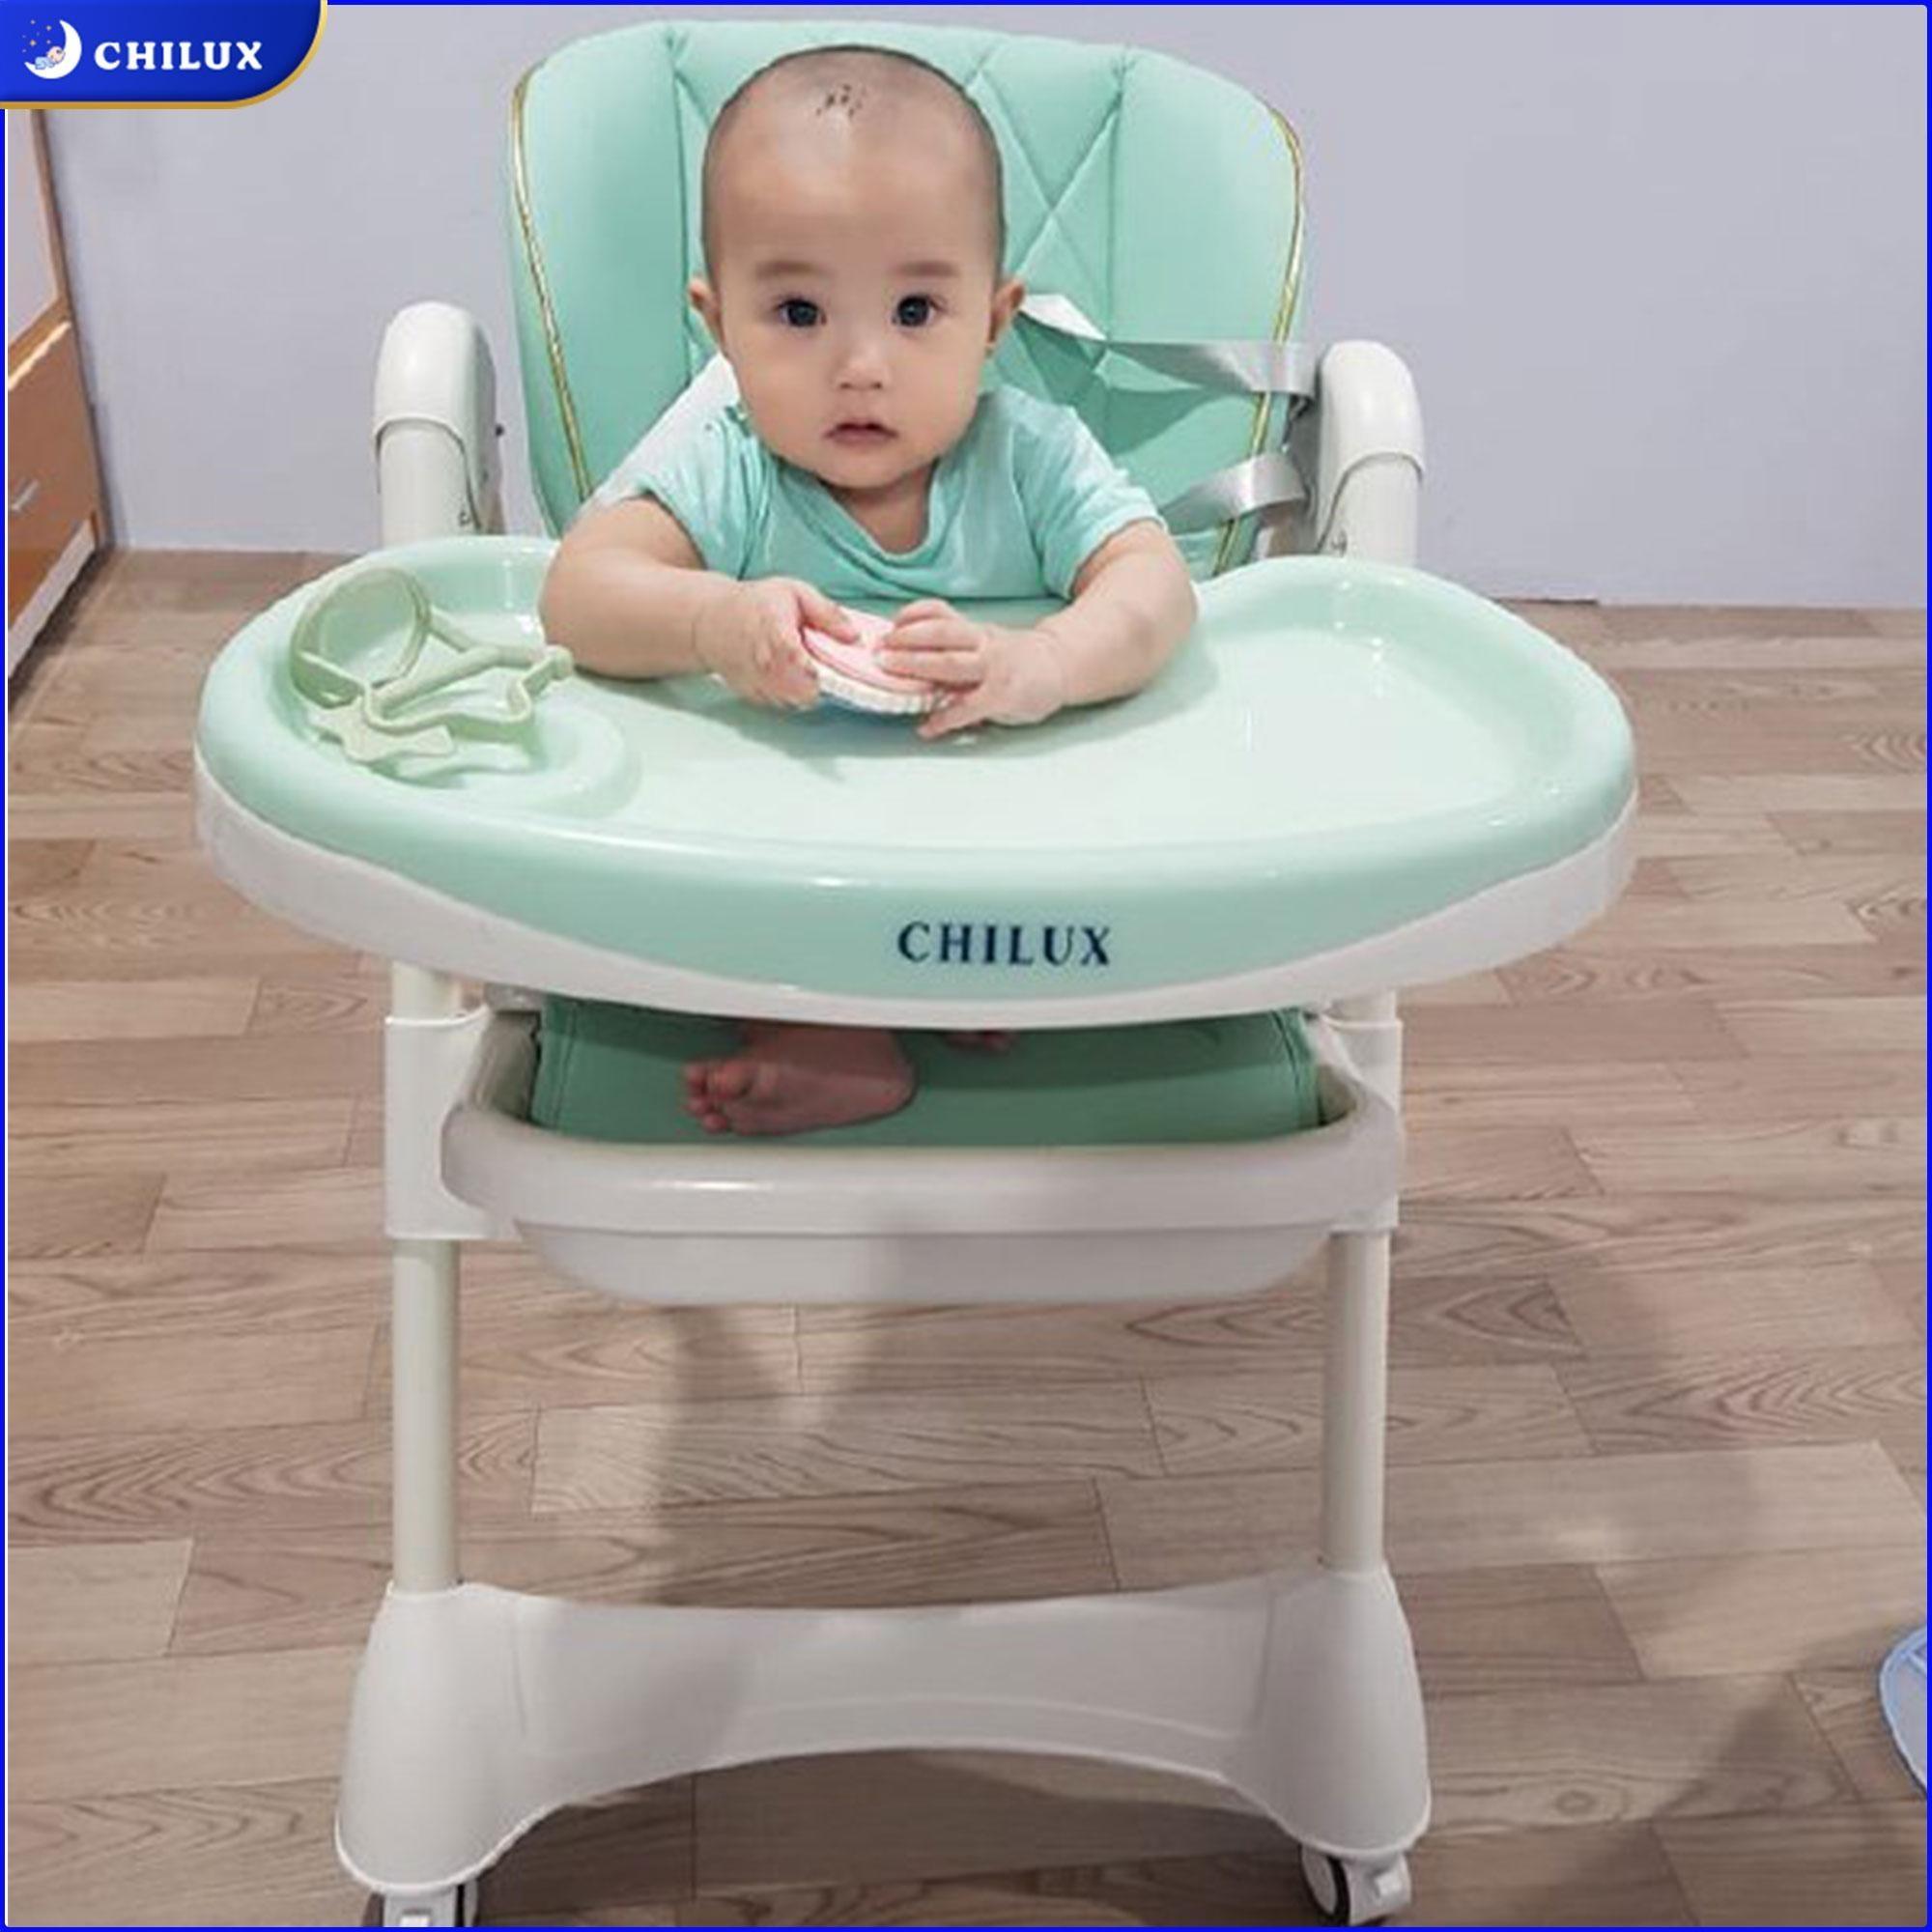 Ảnh feedback ghế ăn dặm Grow V màu xanh ngọc từ khách hàng Chilux.